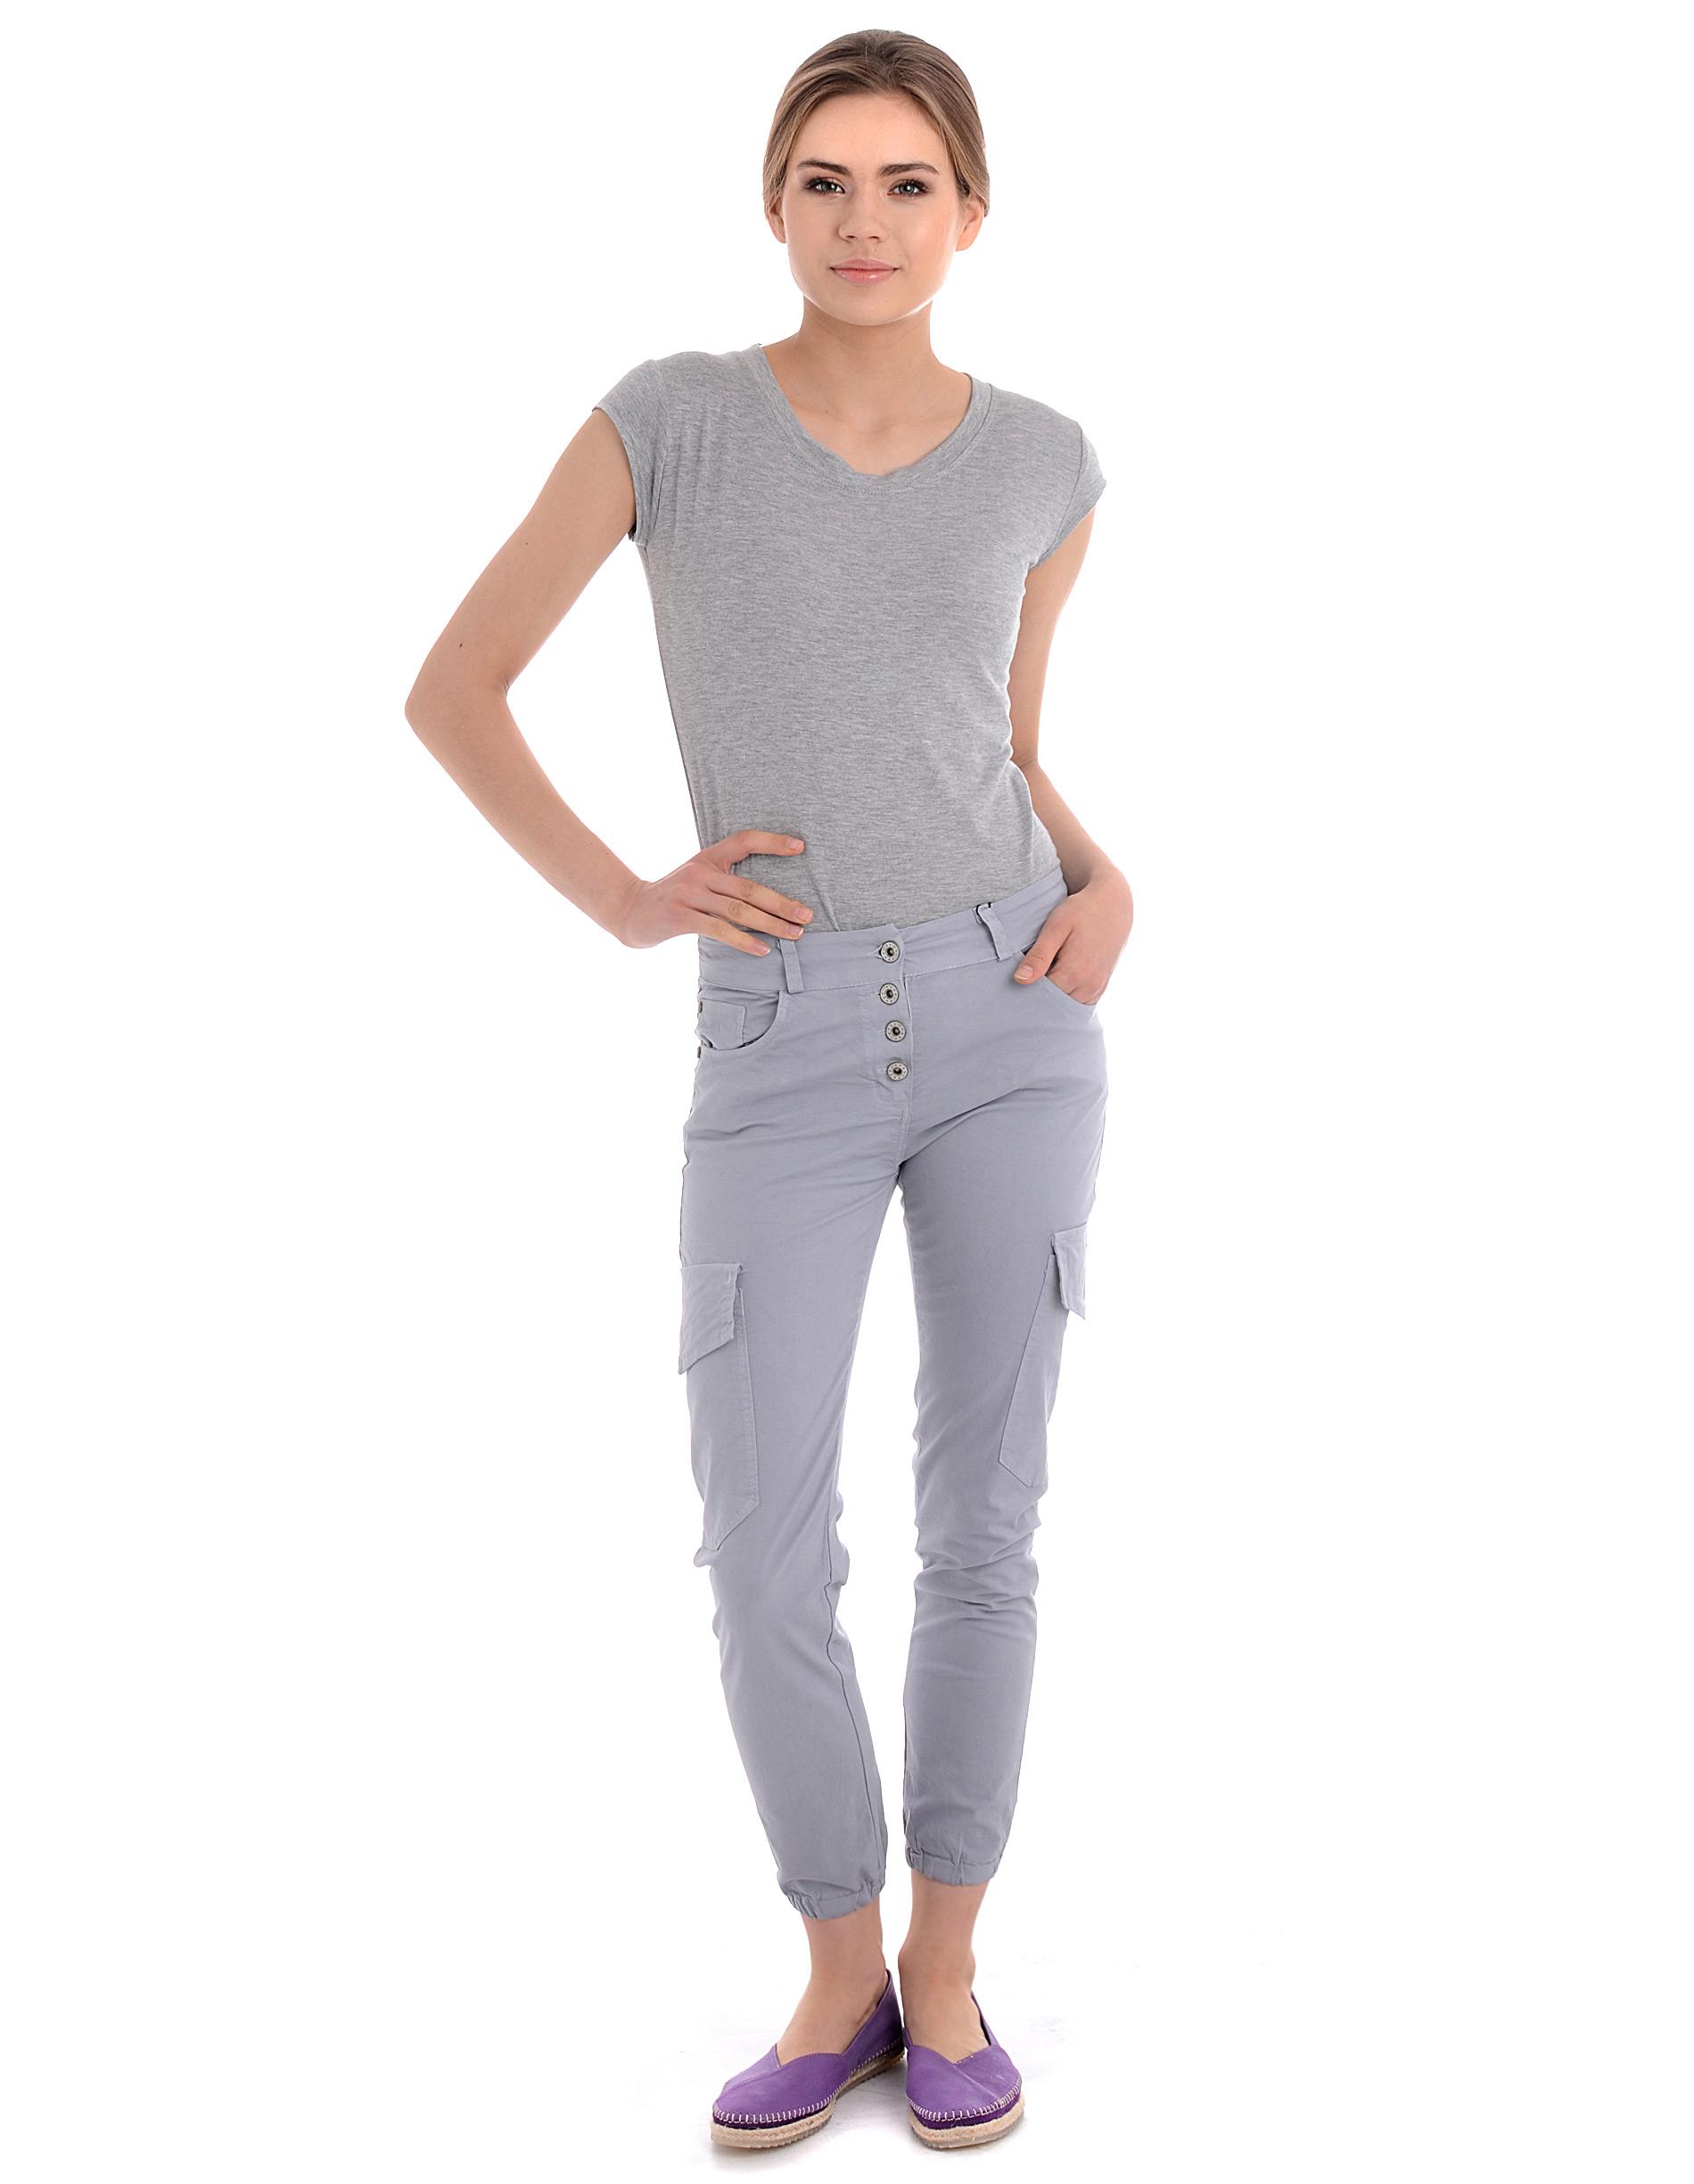 Spodnie - 54-5255 GR CH - Unisono